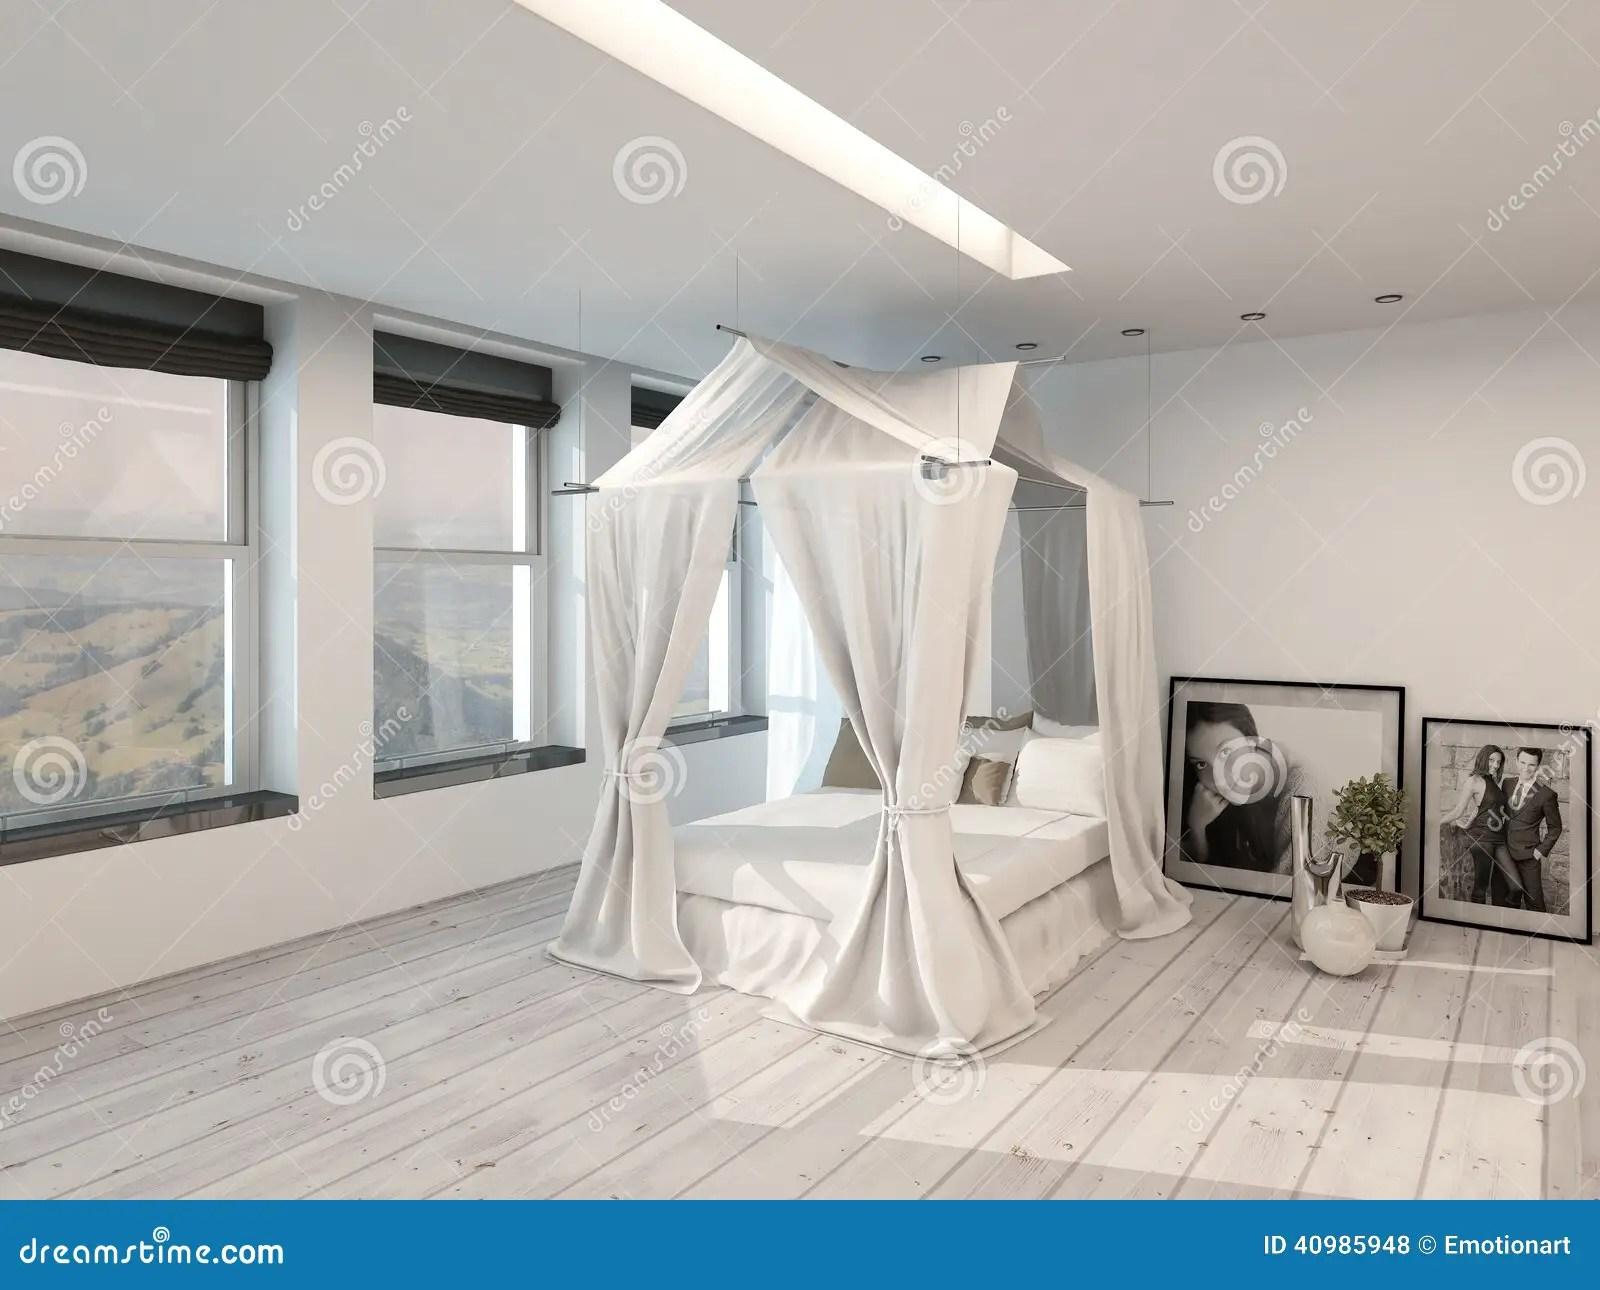 Camera Da Letto Baldacchino.Letto Palafitta Baldacchino Moderno Contenitore By Modus Di